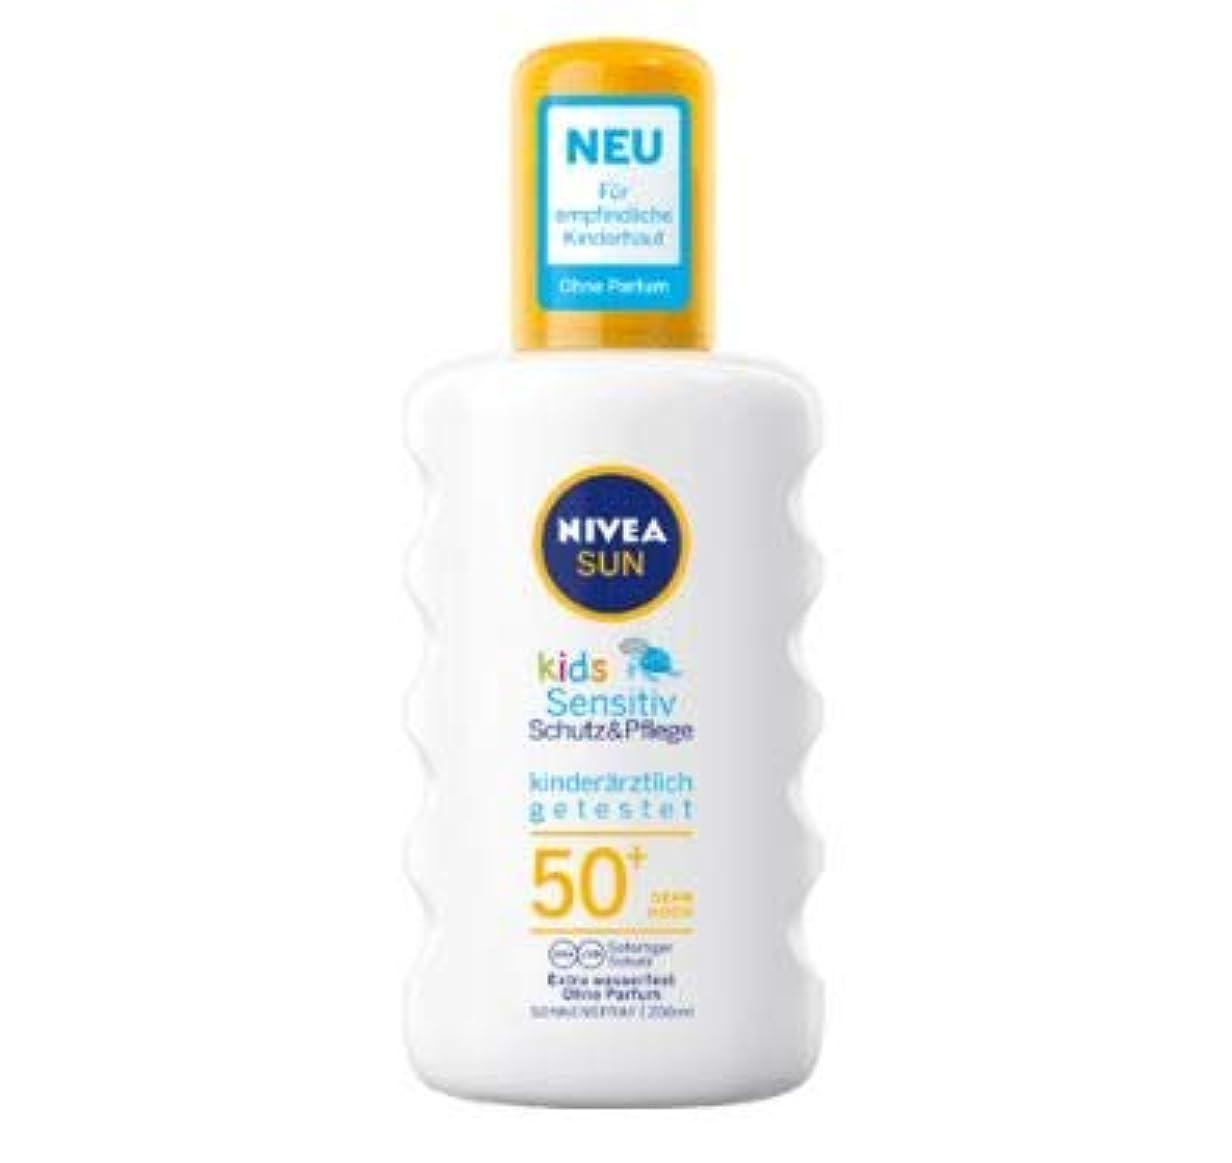 装備する辞書不十分なニベア Nivea Sun 日焼け止め スプレー 敏感肌 子供用 200ml SPF50+ [並行輸入品]